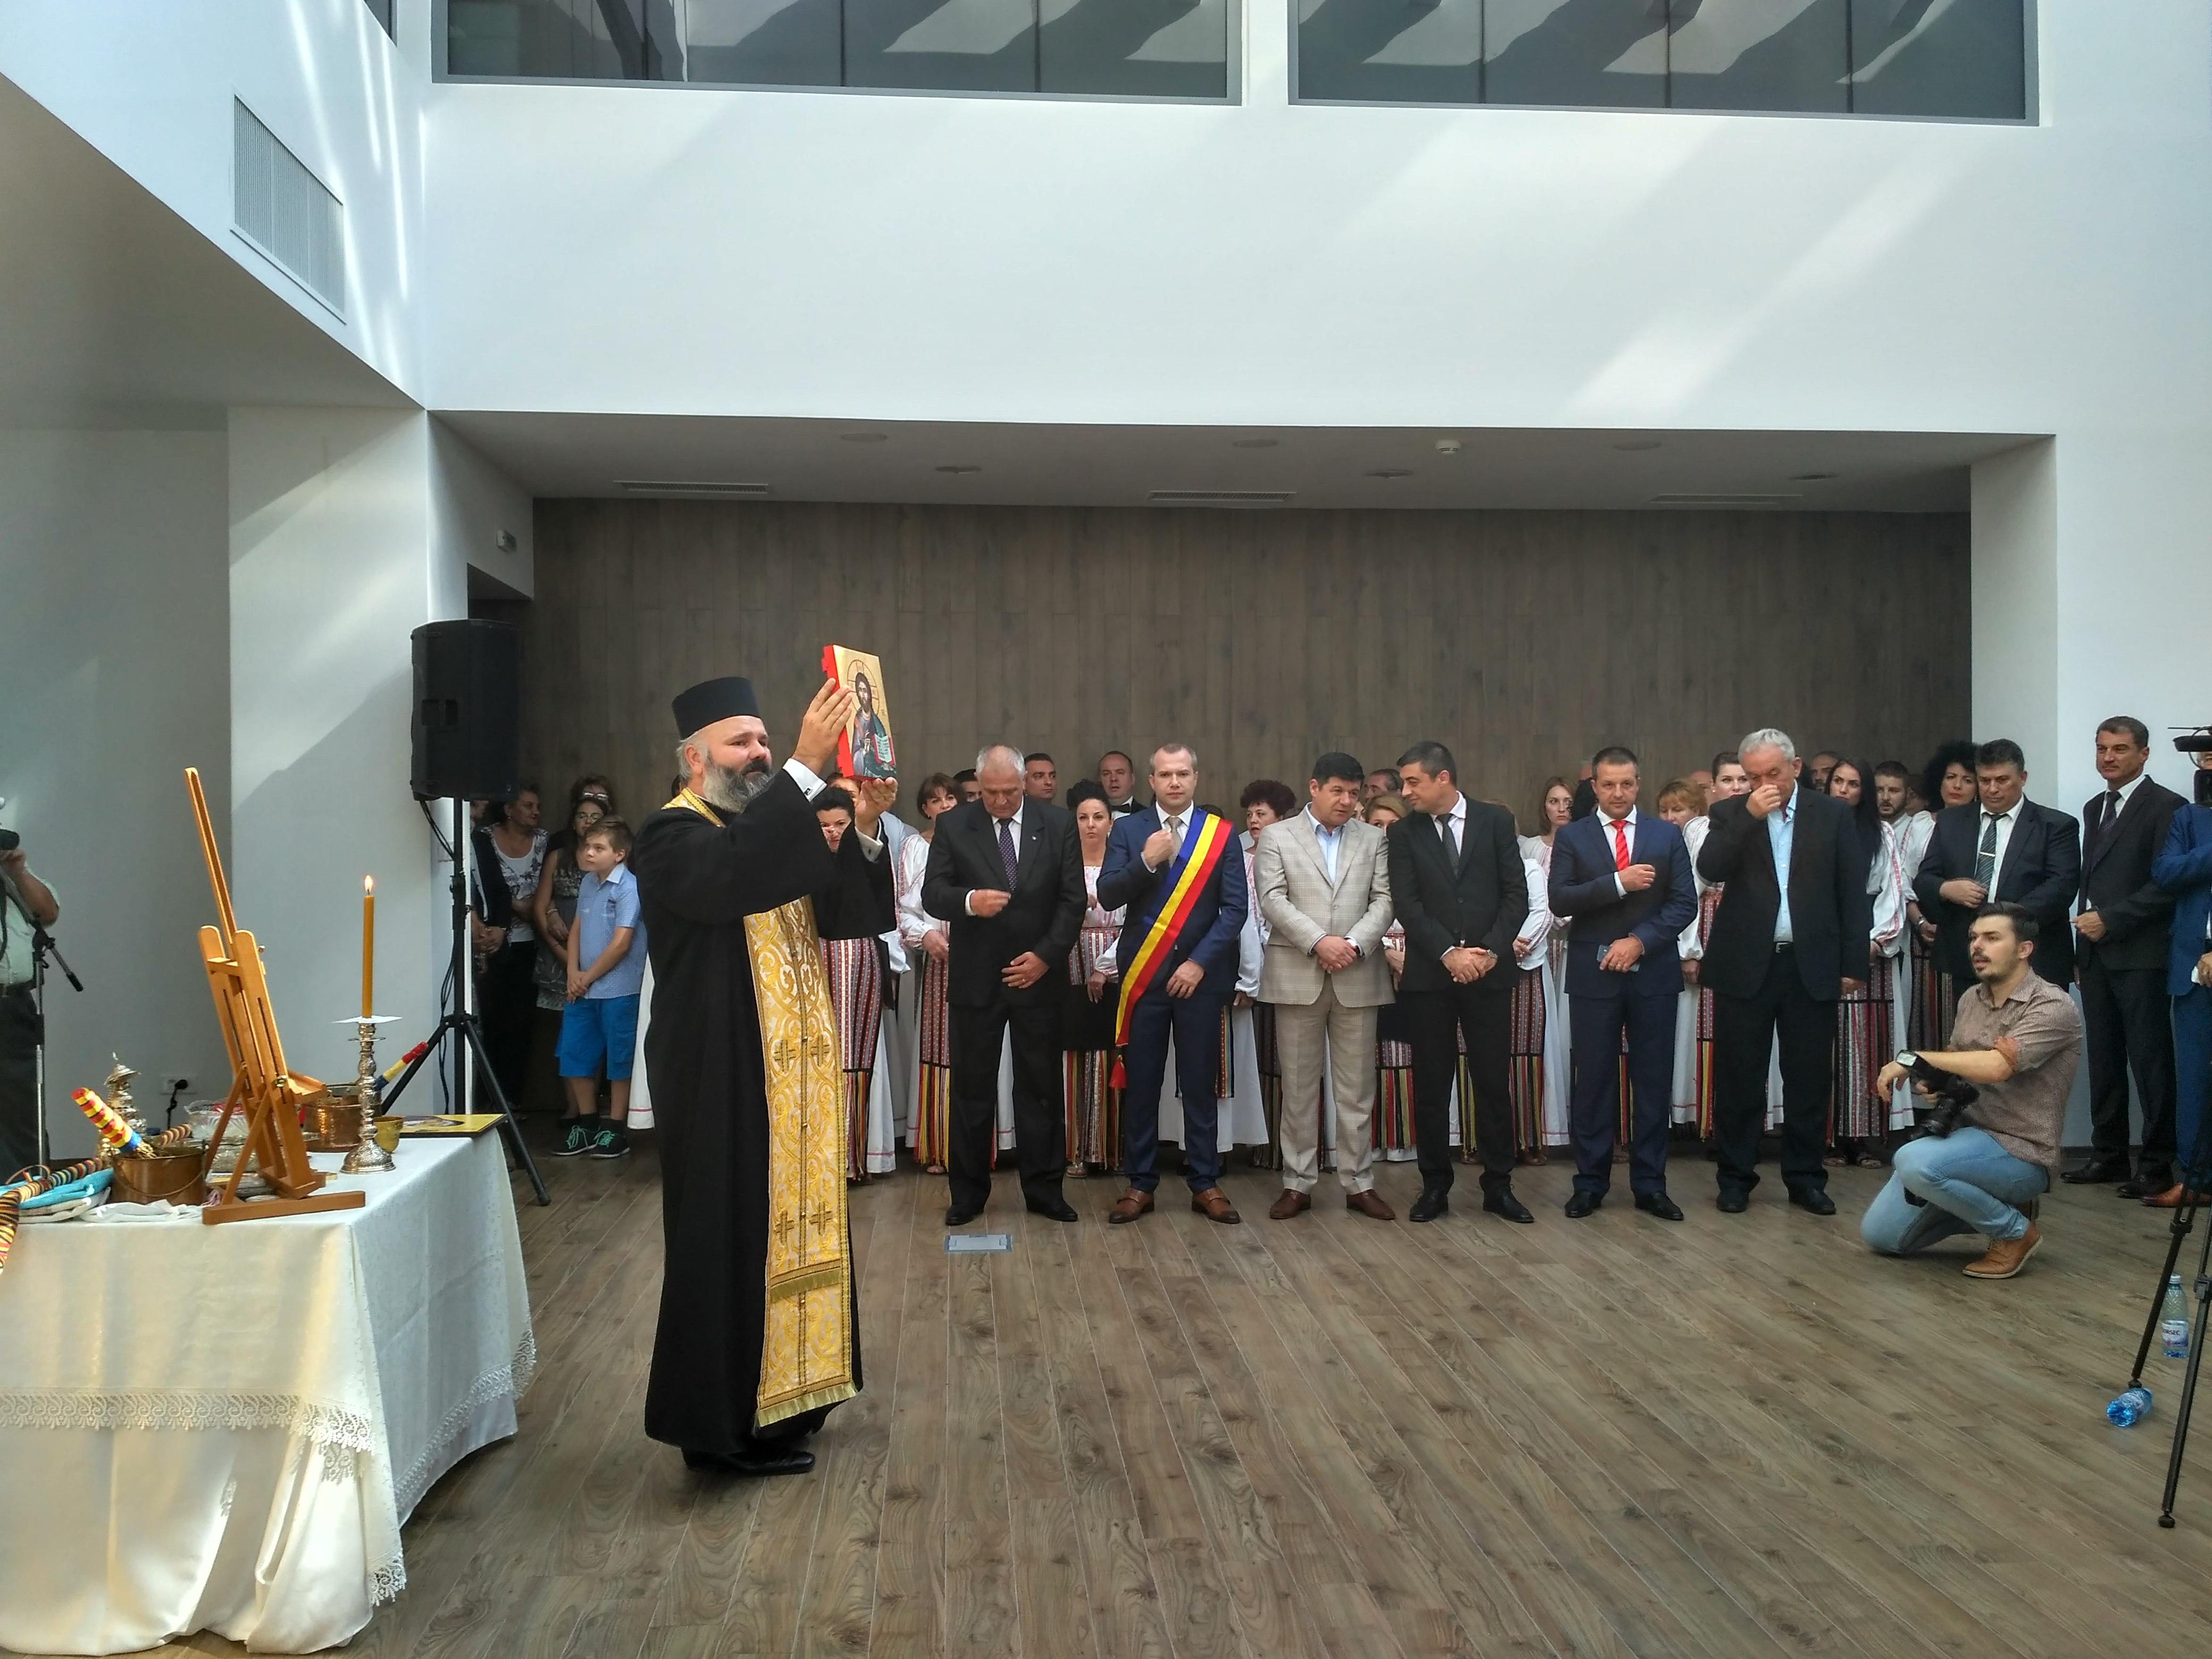 Galaţi: Noua Primărie, un colos din sticlă şi metal ridicat în zona istorică protejată a oraşului, a fost inaugurată 7